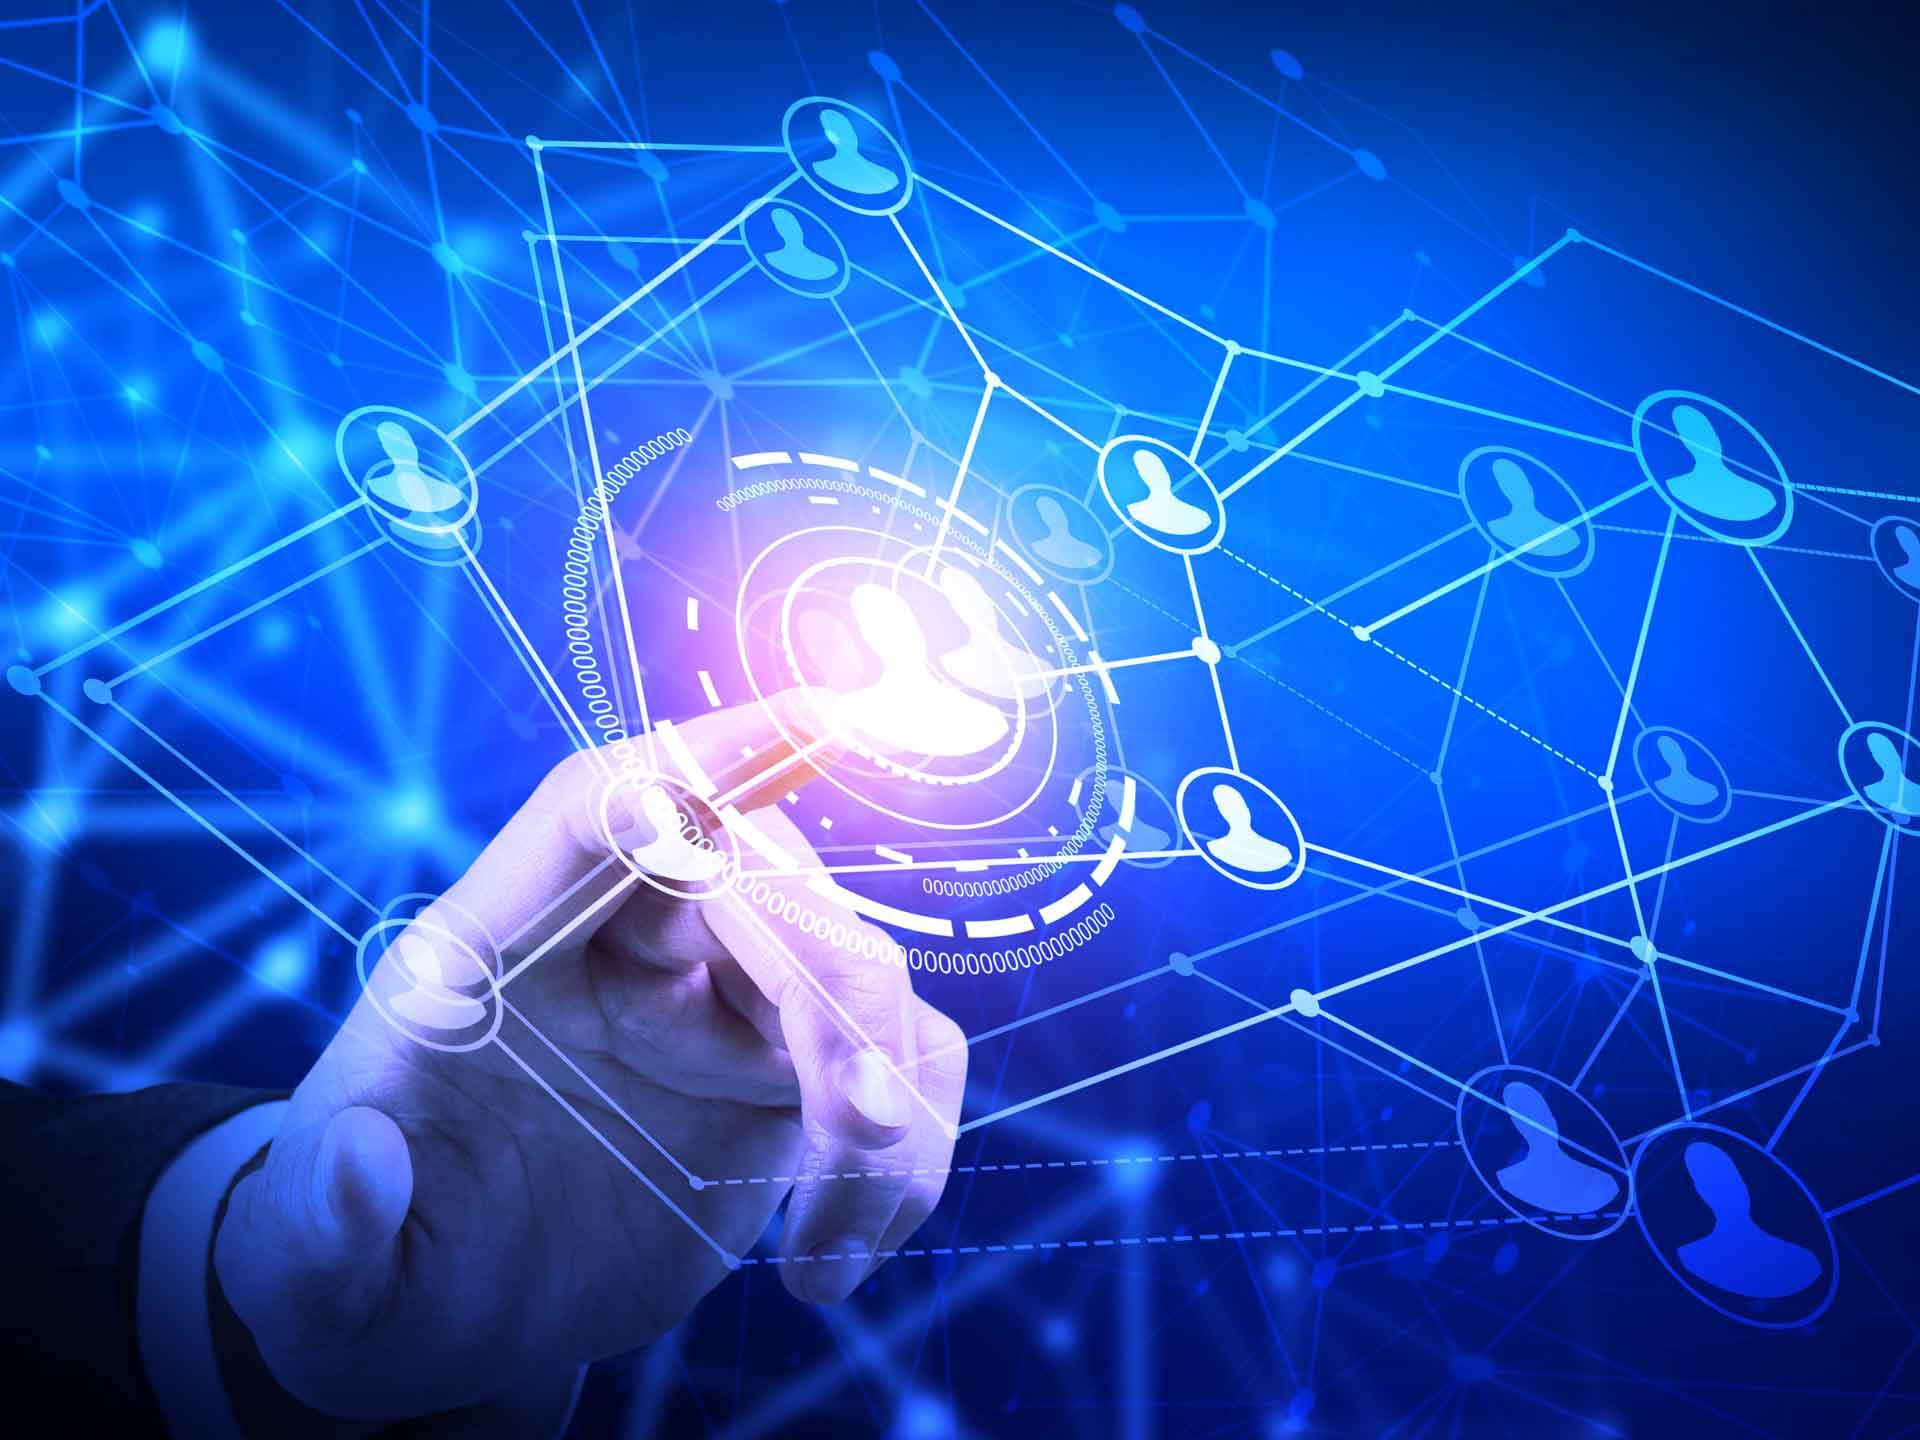 Efficacité operationnelle, Relations authentiques et personnelles